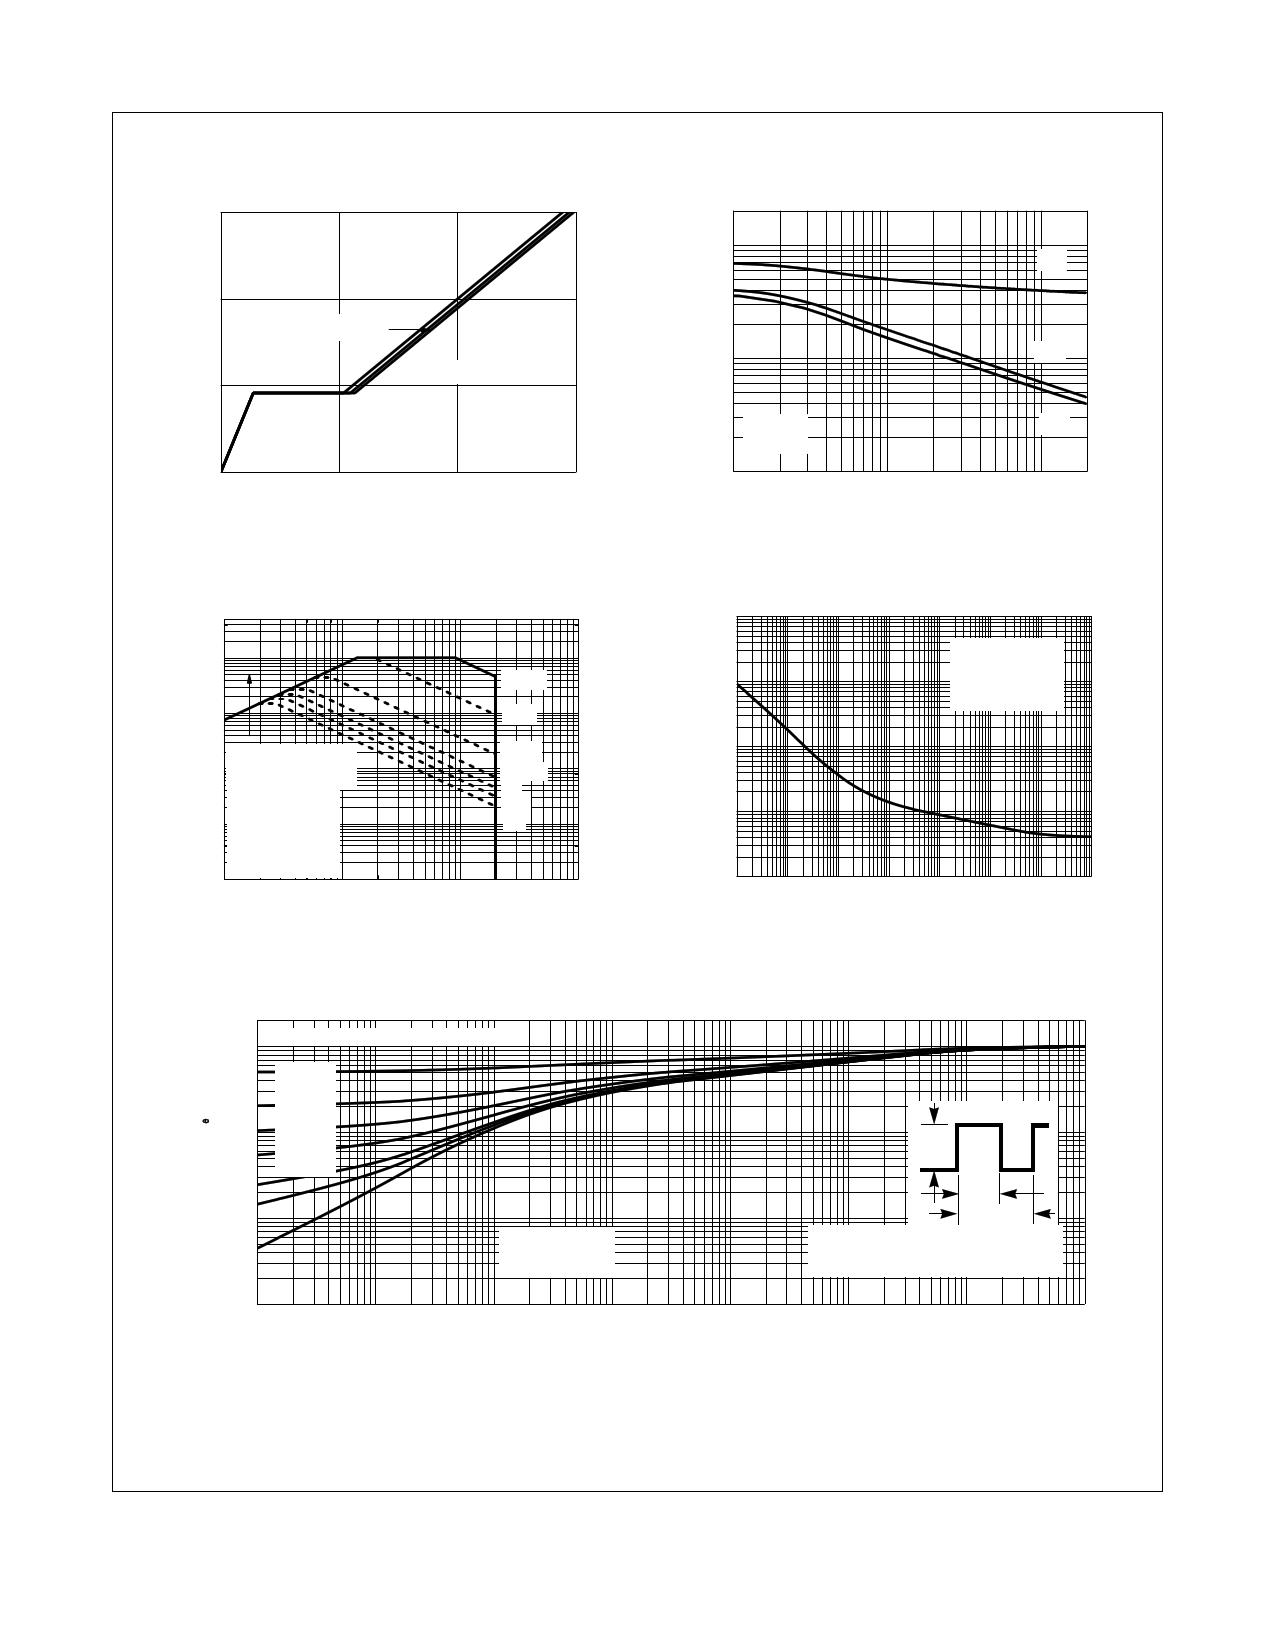 FDZ663P pdf, 반도체, 판매, 대치품